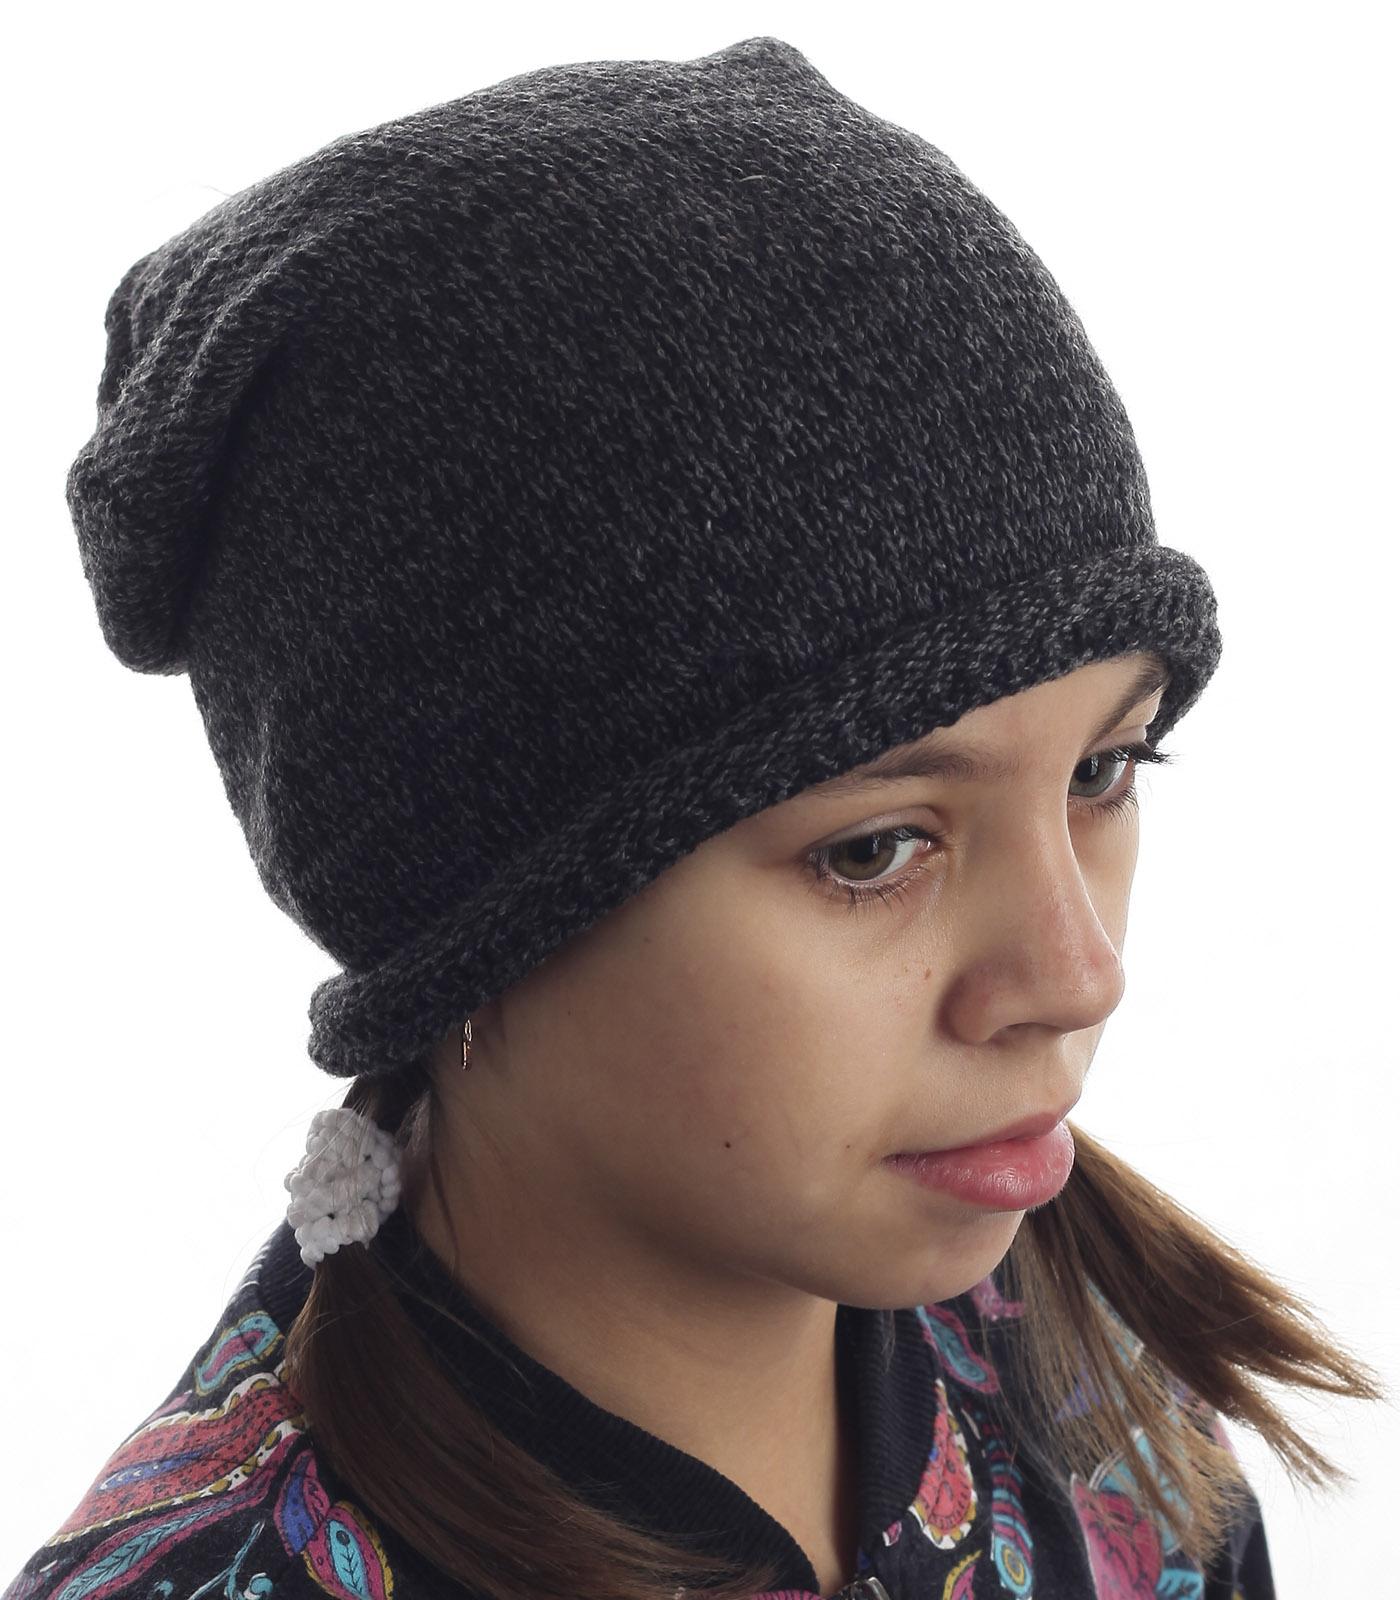 Недорогие детские шапки для модниц